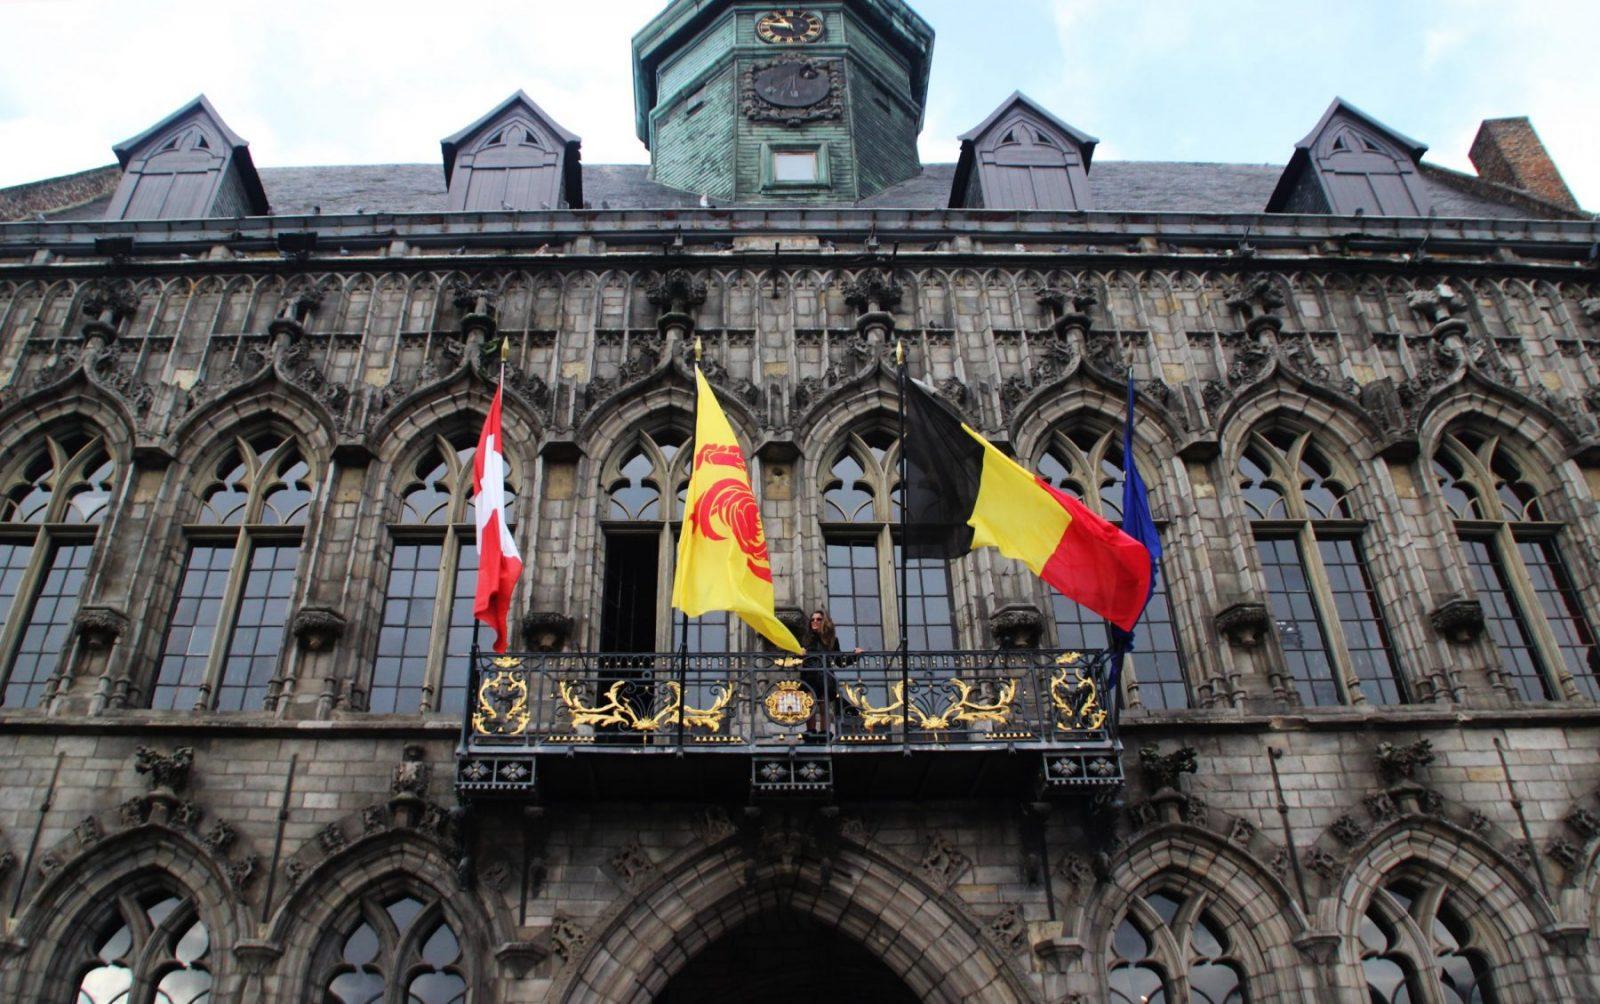 La imponente fachada del ayuntamiento...